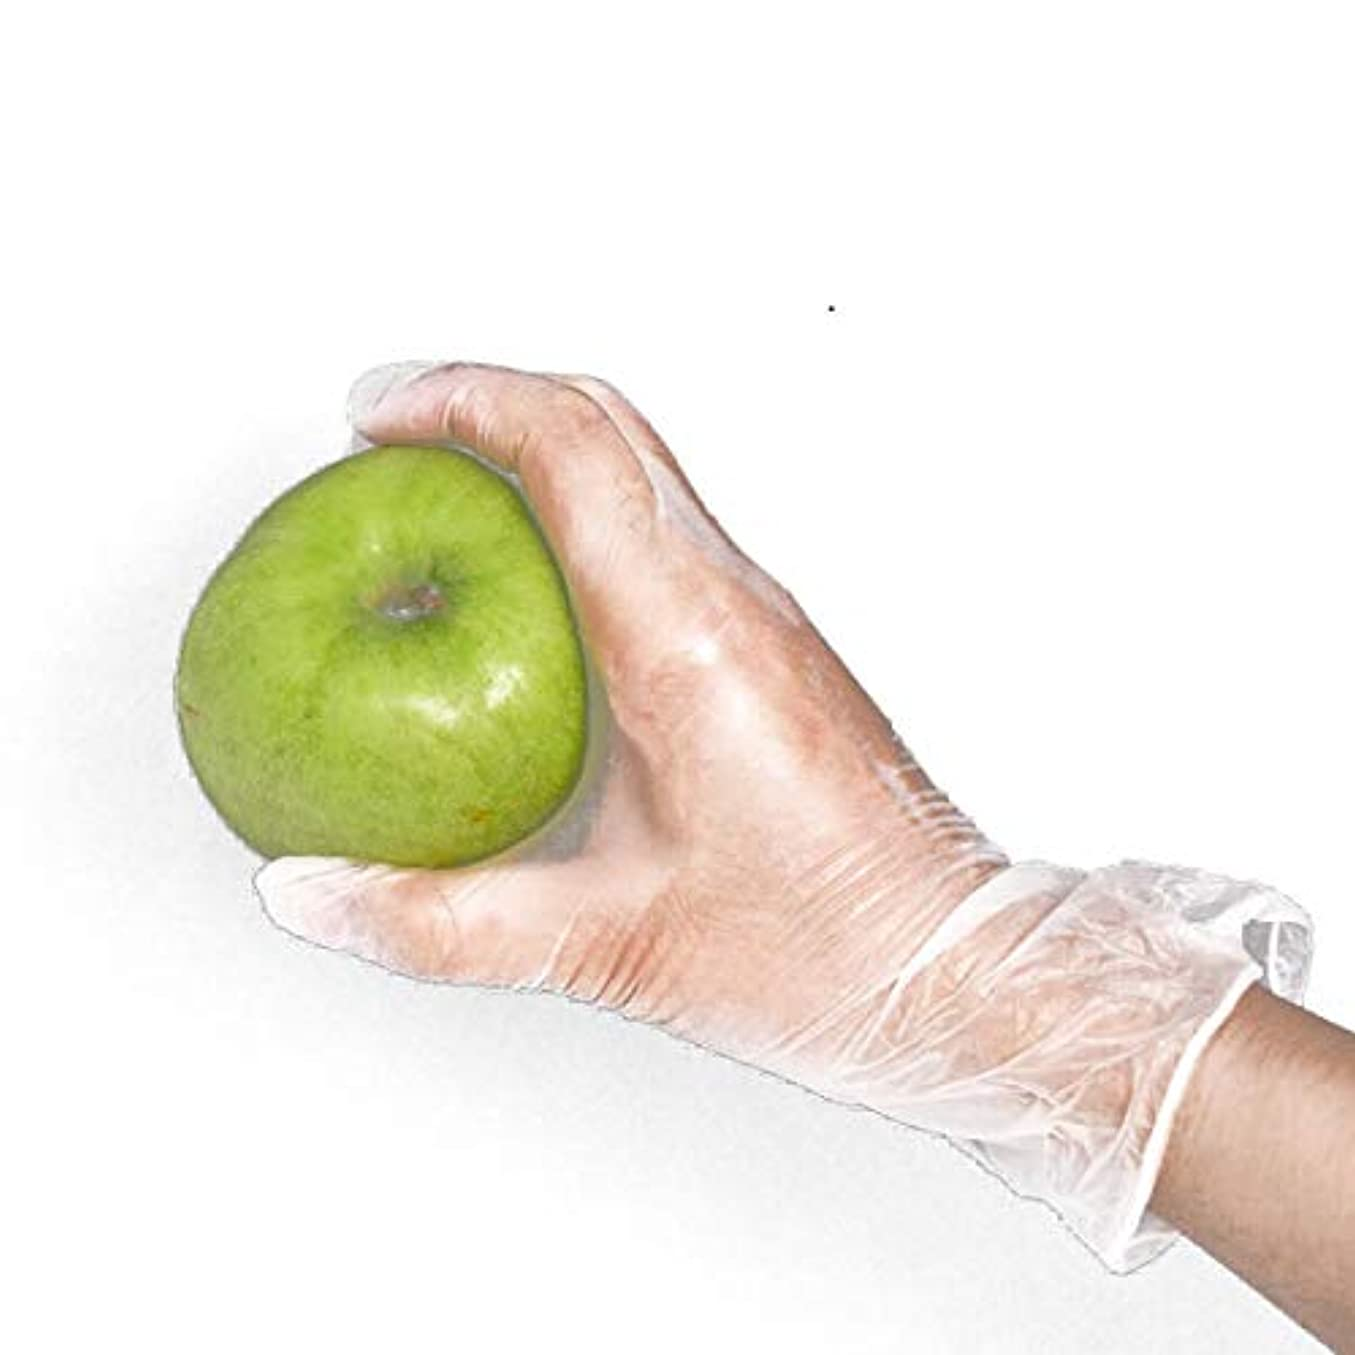 オフセットスマッシュペア[FJTK]使い捨て手袋 透明 100枚入 ホワイト  医療 美容 科学実験 (L)